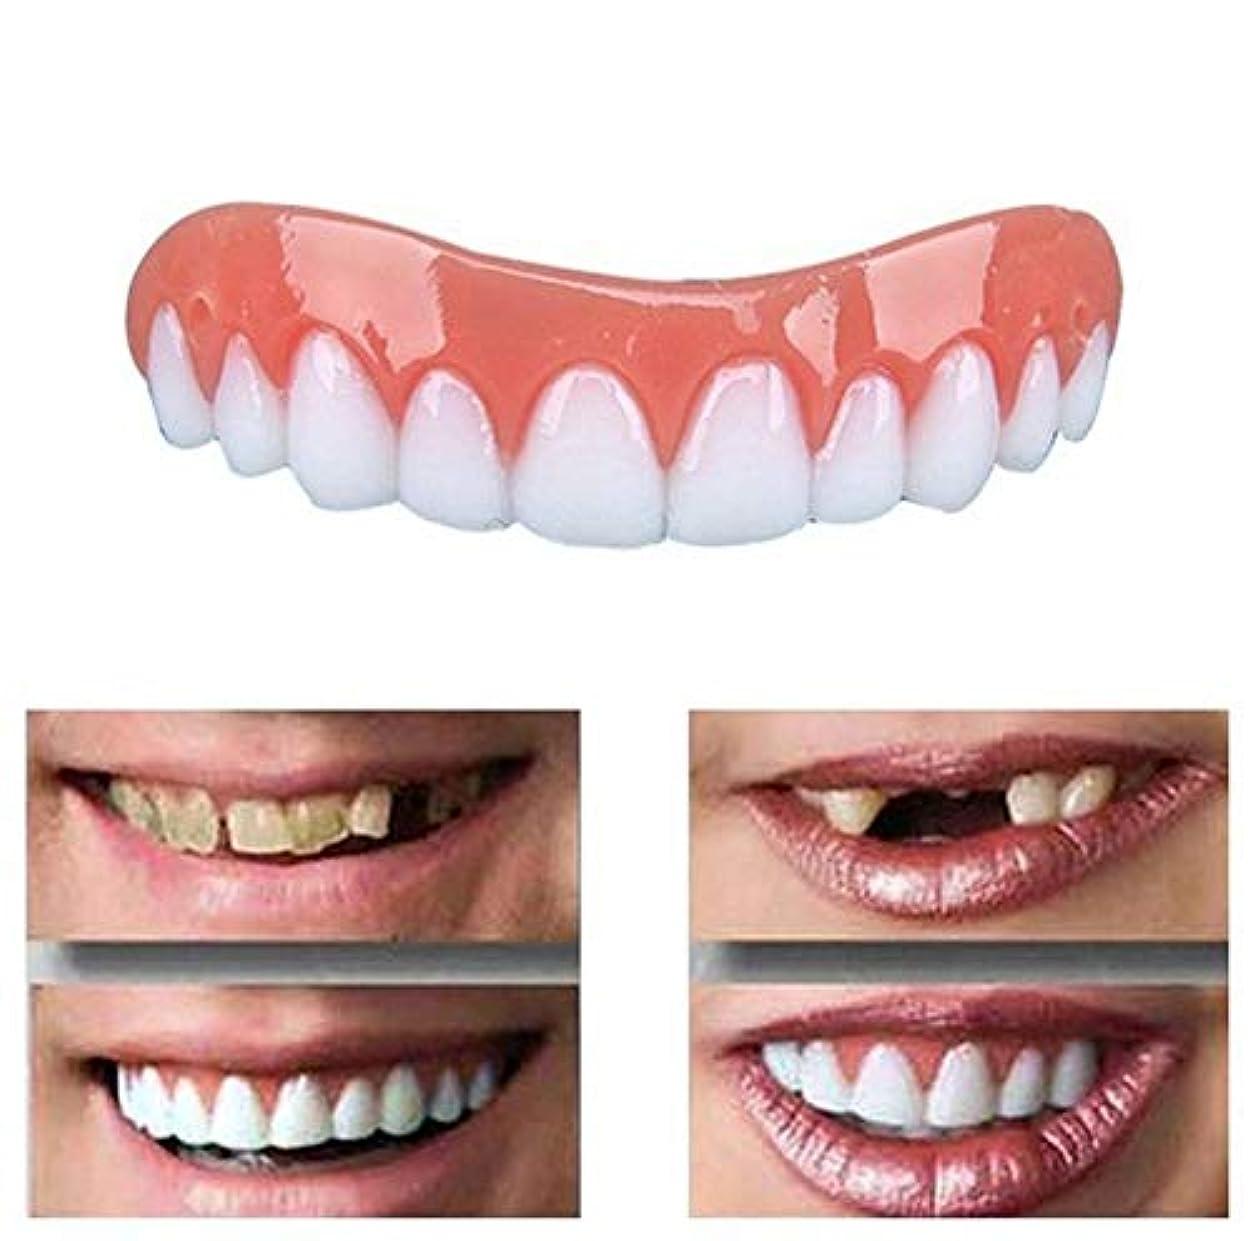 乳製品あいまい活気づくキットの歯セットの化粧品の上部のベニヤを白くする歯の微笑のベニヤのシリコーンの訂正